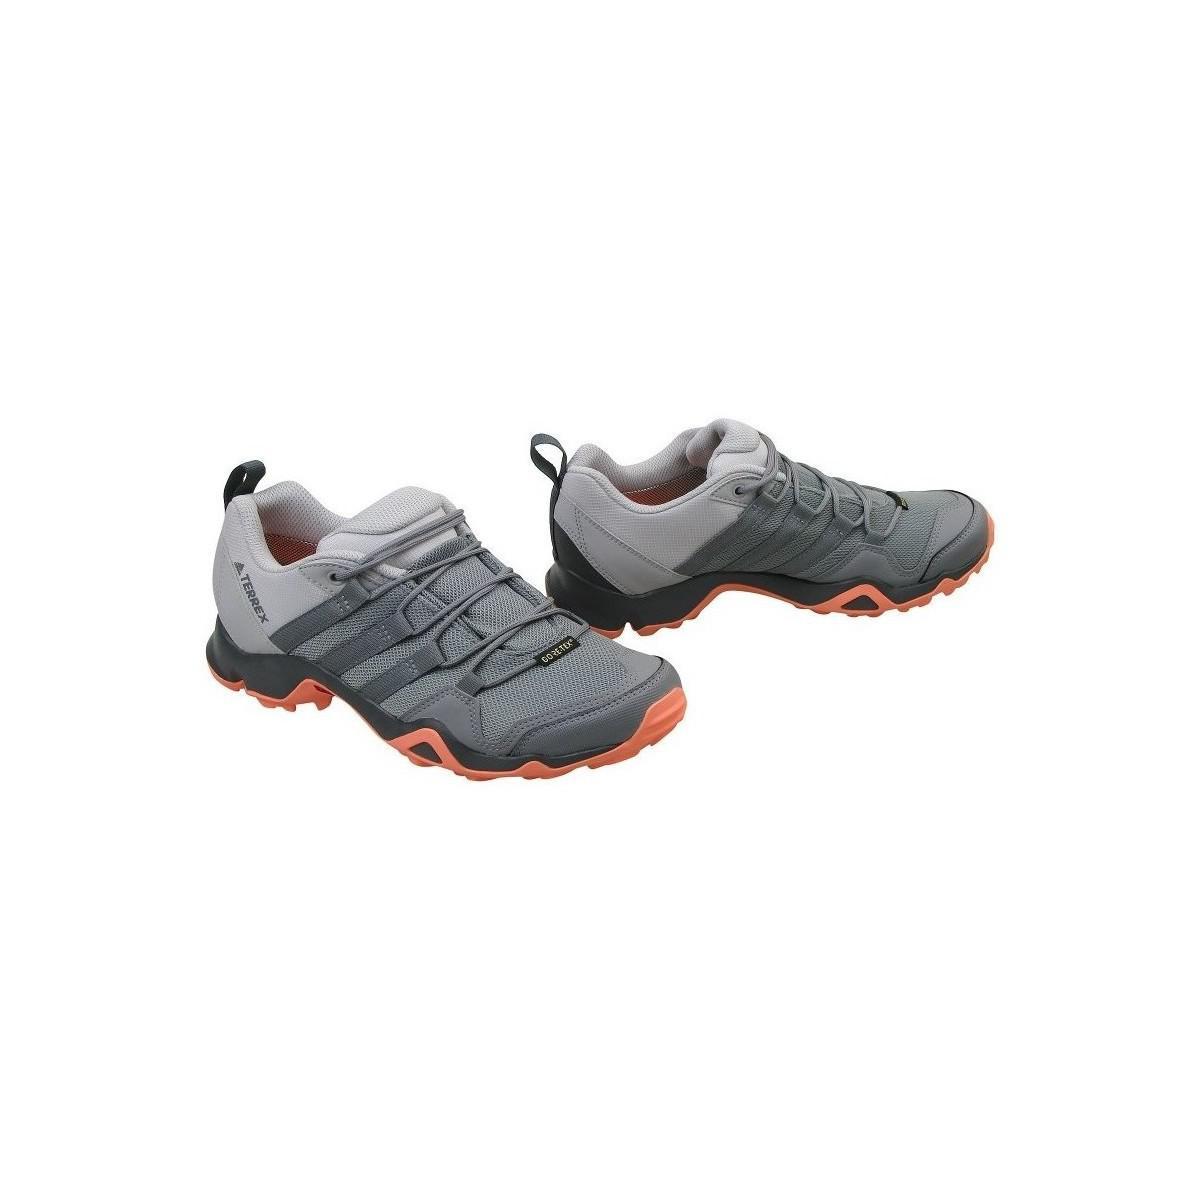 Adidas Terrex ax2r GTX W zapatos de mujer (instructores) en blanco en blanco